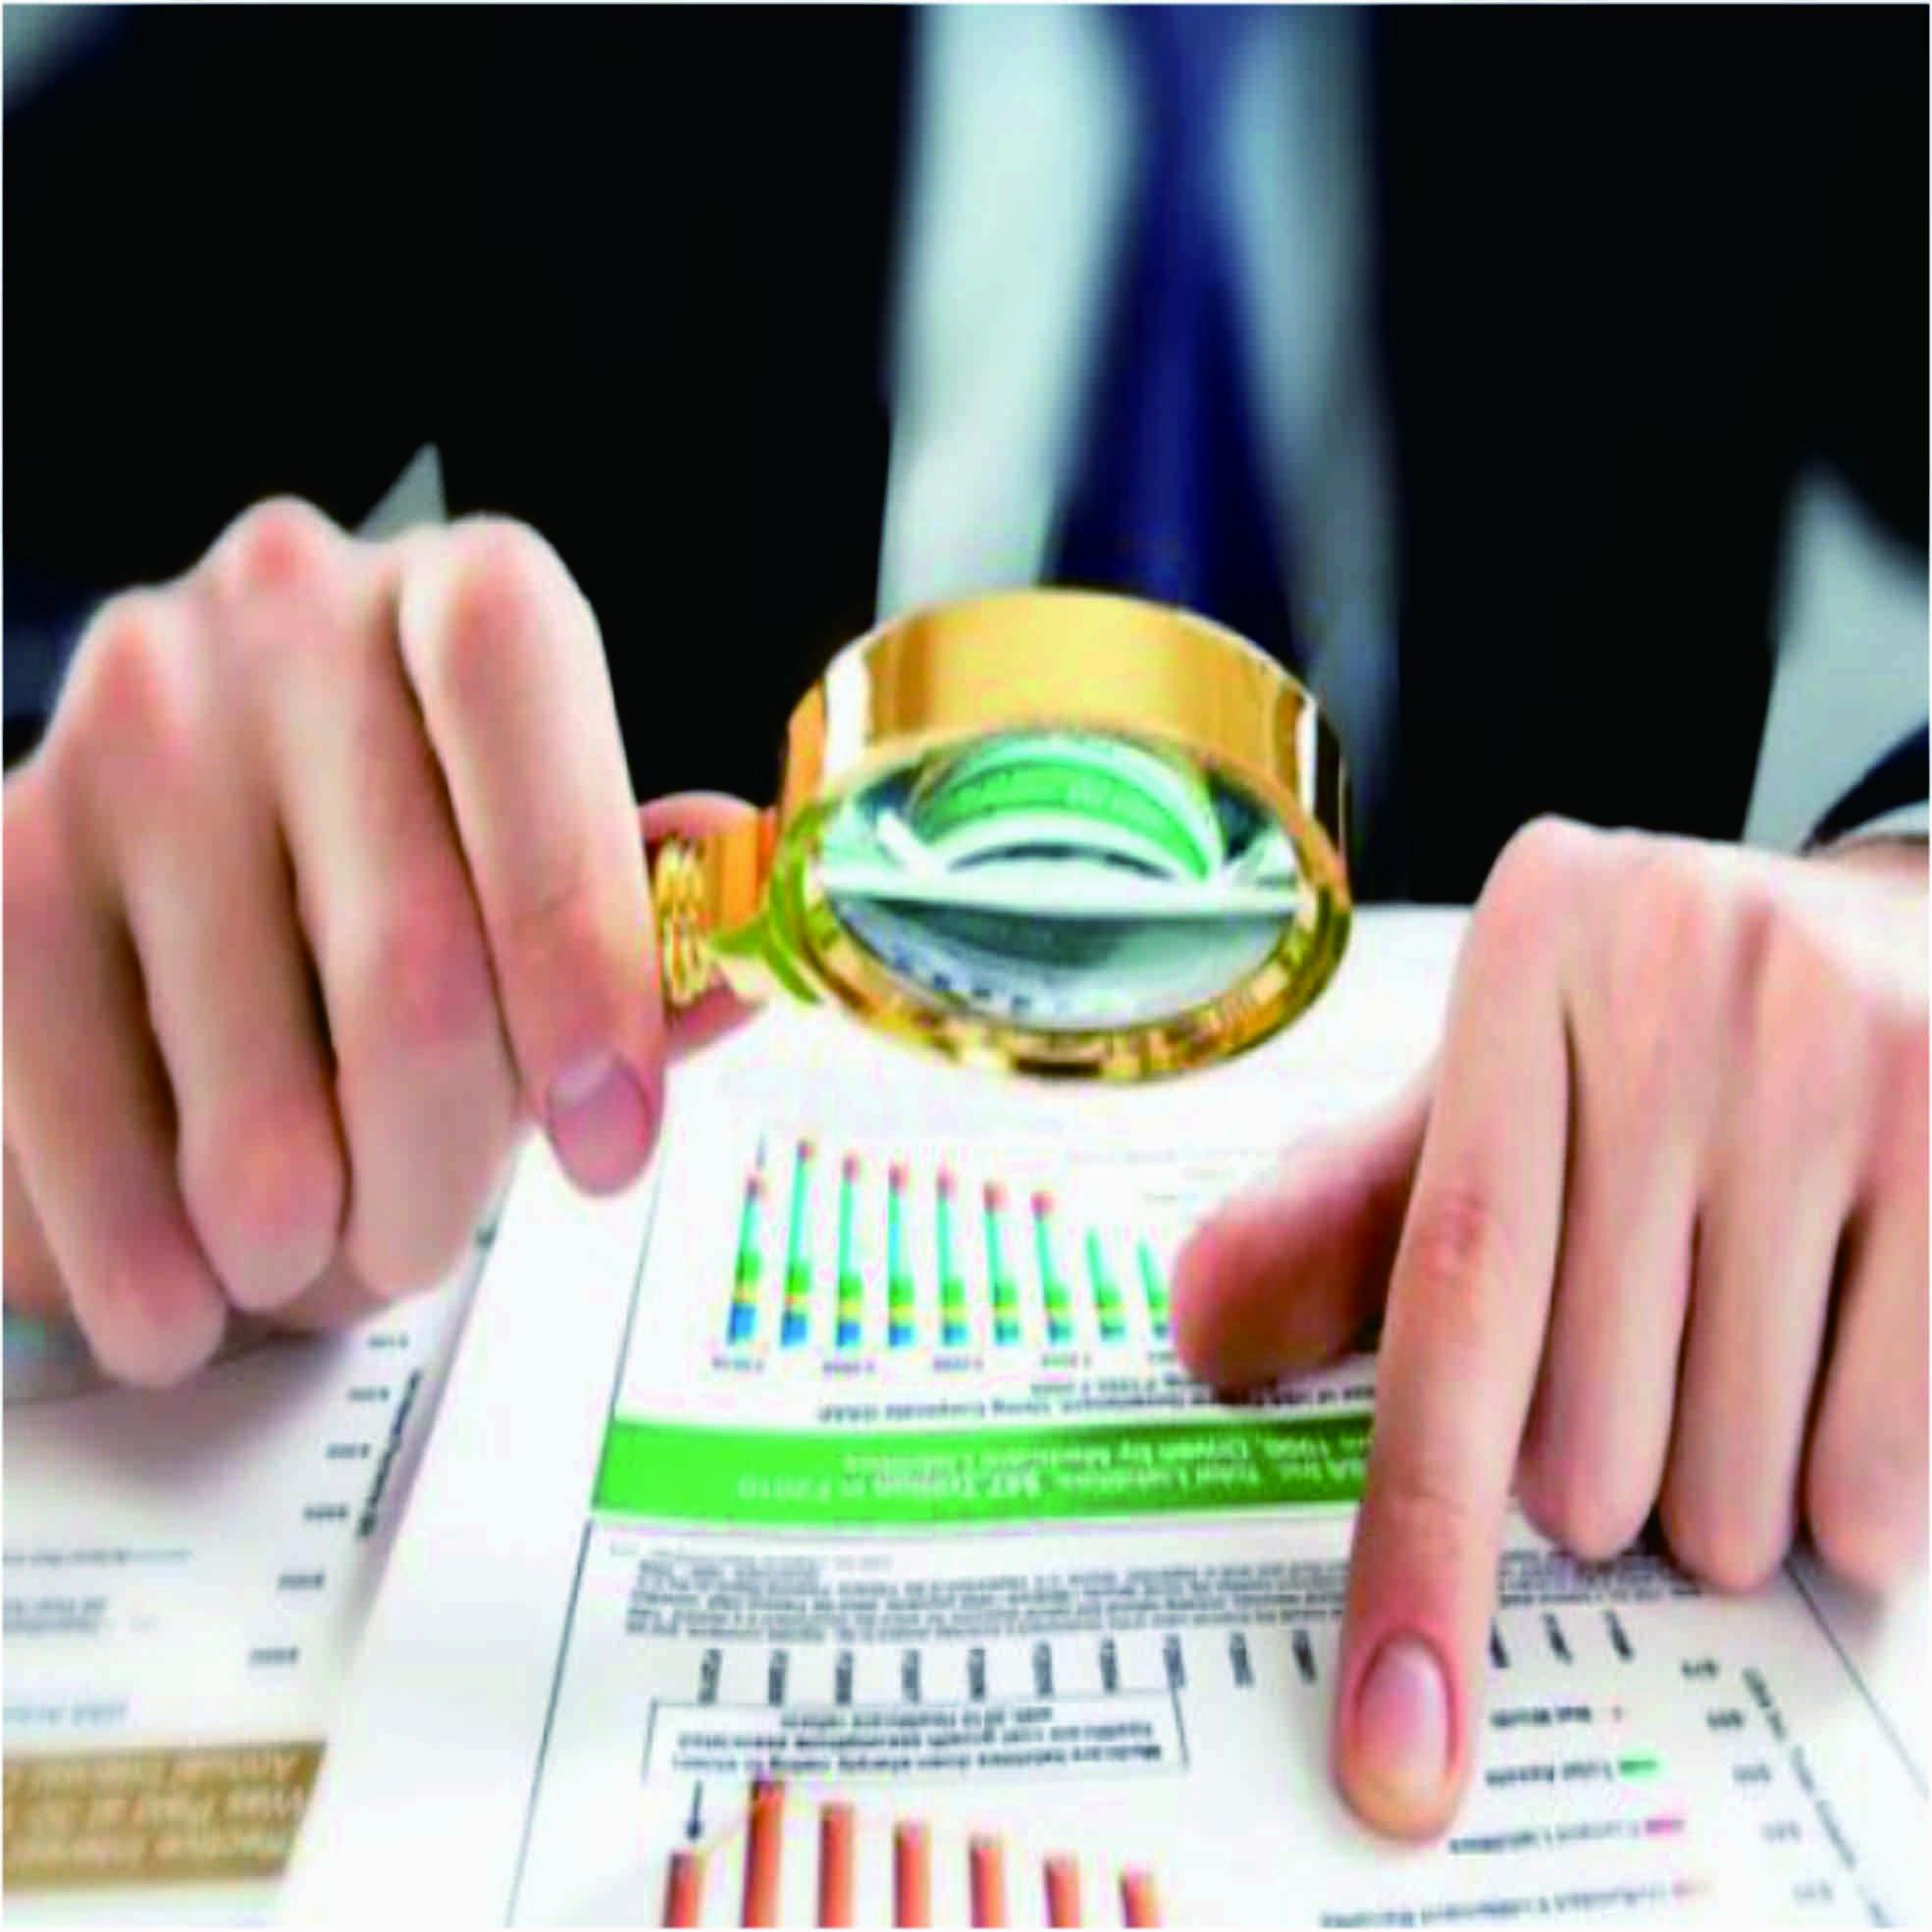 Teknik Identifikasi, Deteksi Atas Kecurangan (Fraud) Manajemen dan Financial Fraud